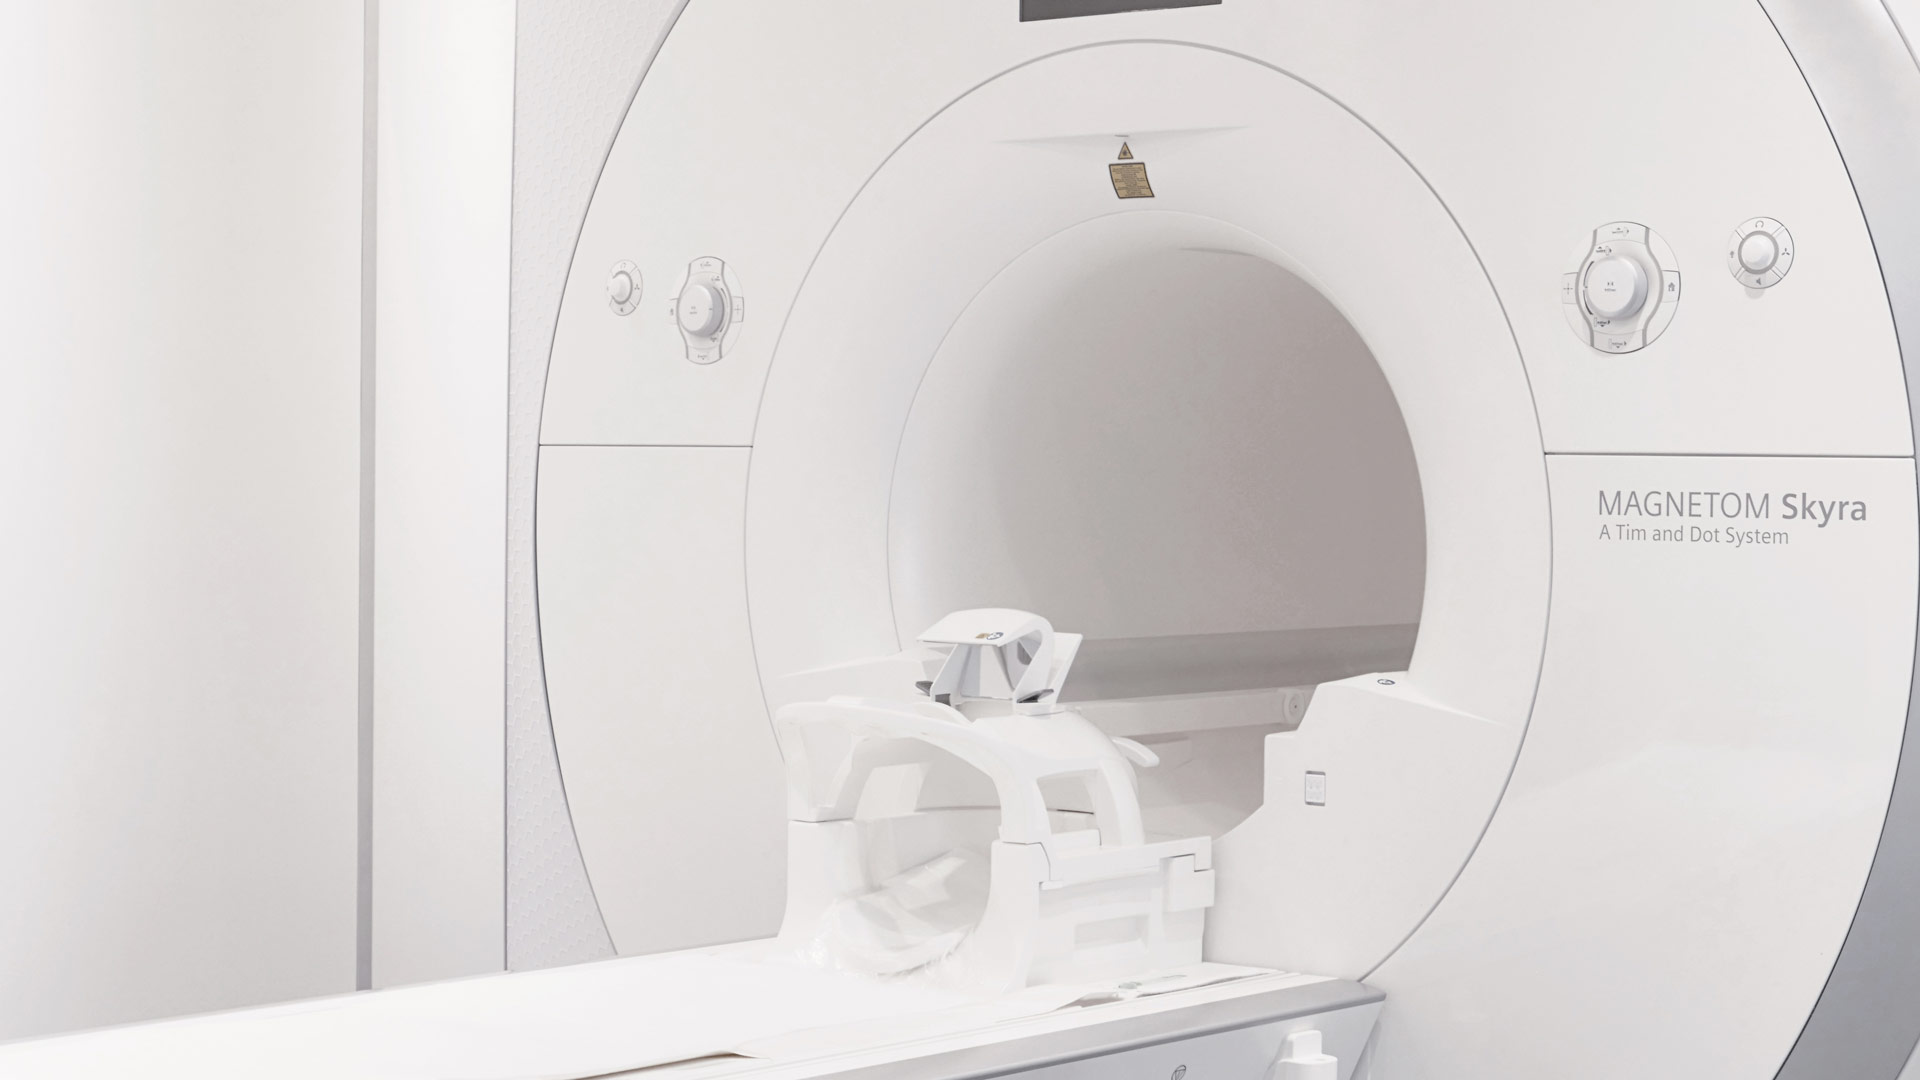 mrt-radiologie_cityplaza_stuttgart_innenstadt_zentrum1370074_1920